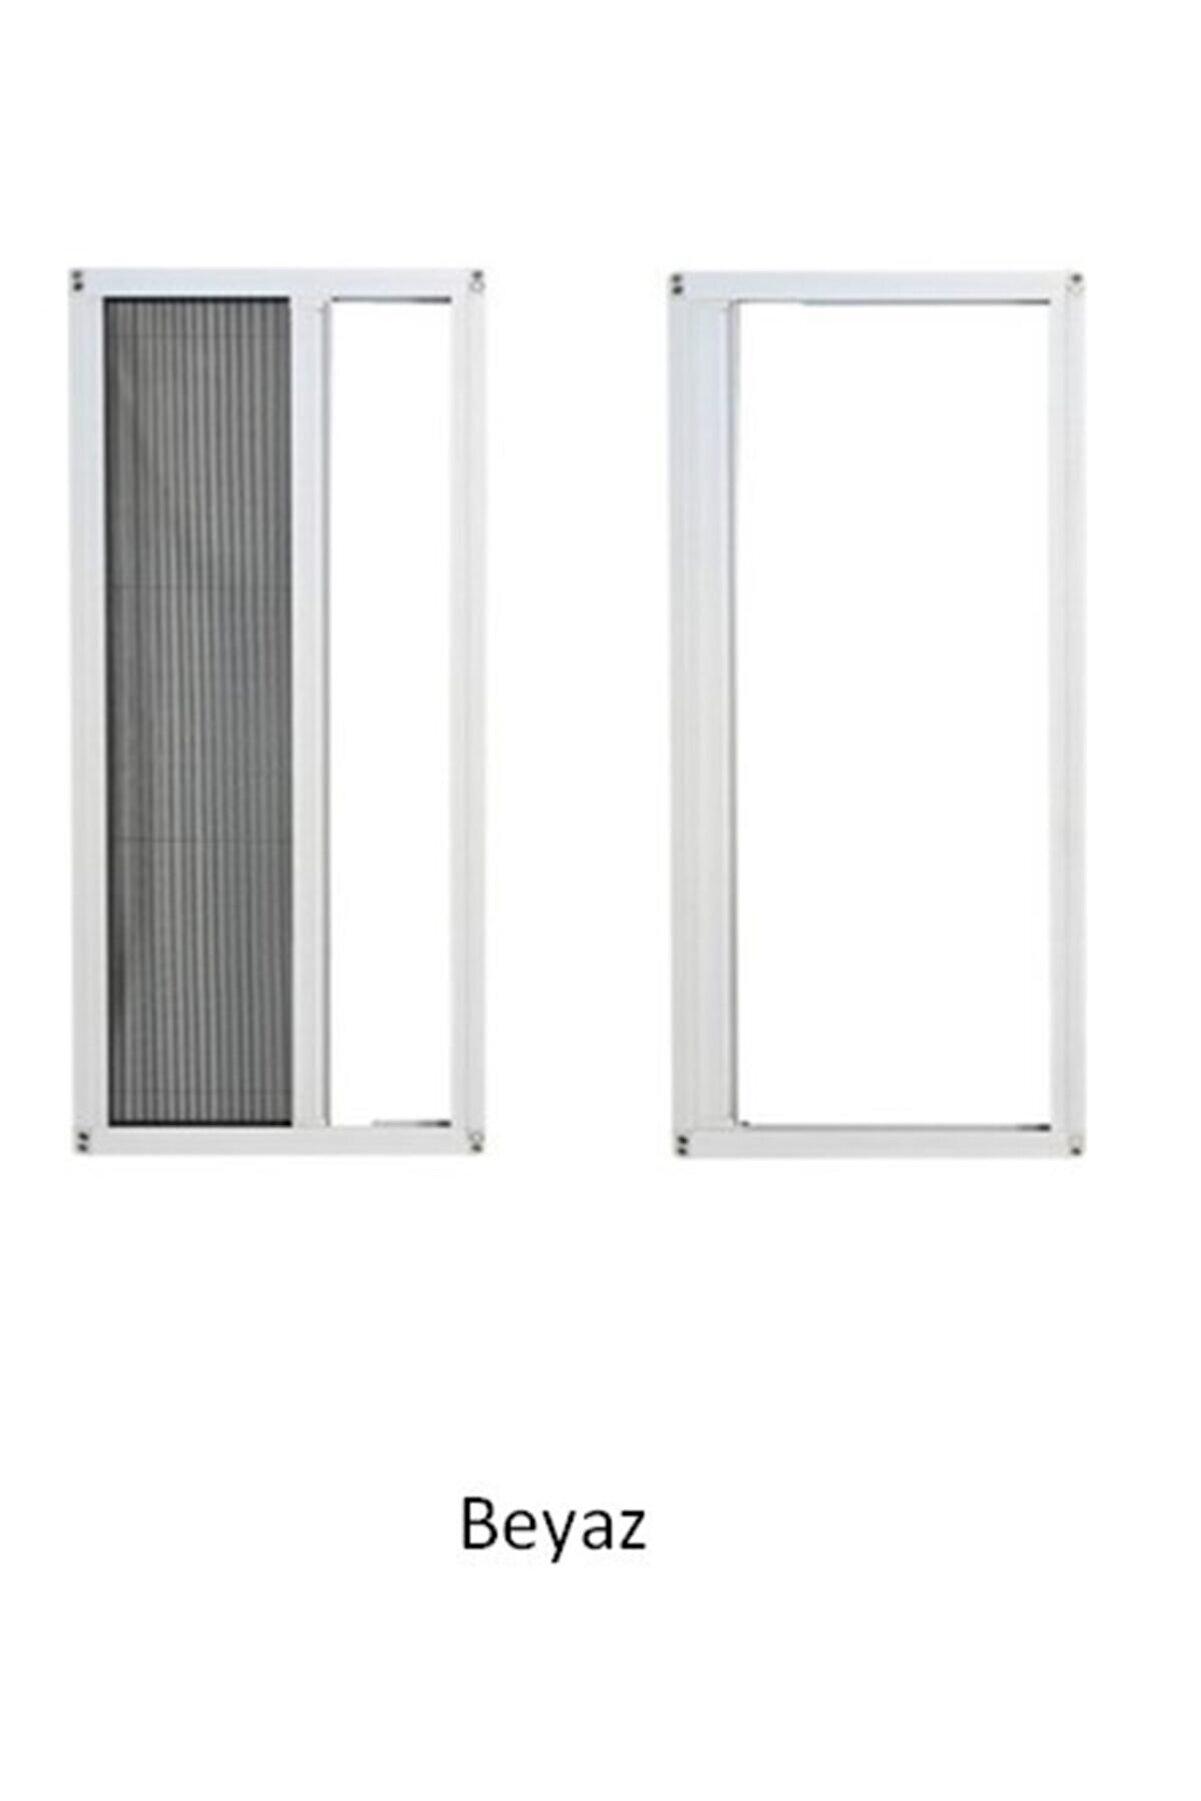 ÇAĞLAYAN İNŞAAT Pileli Plise Sürgülü Akordiyon Katlanır Pencere Sinekliği